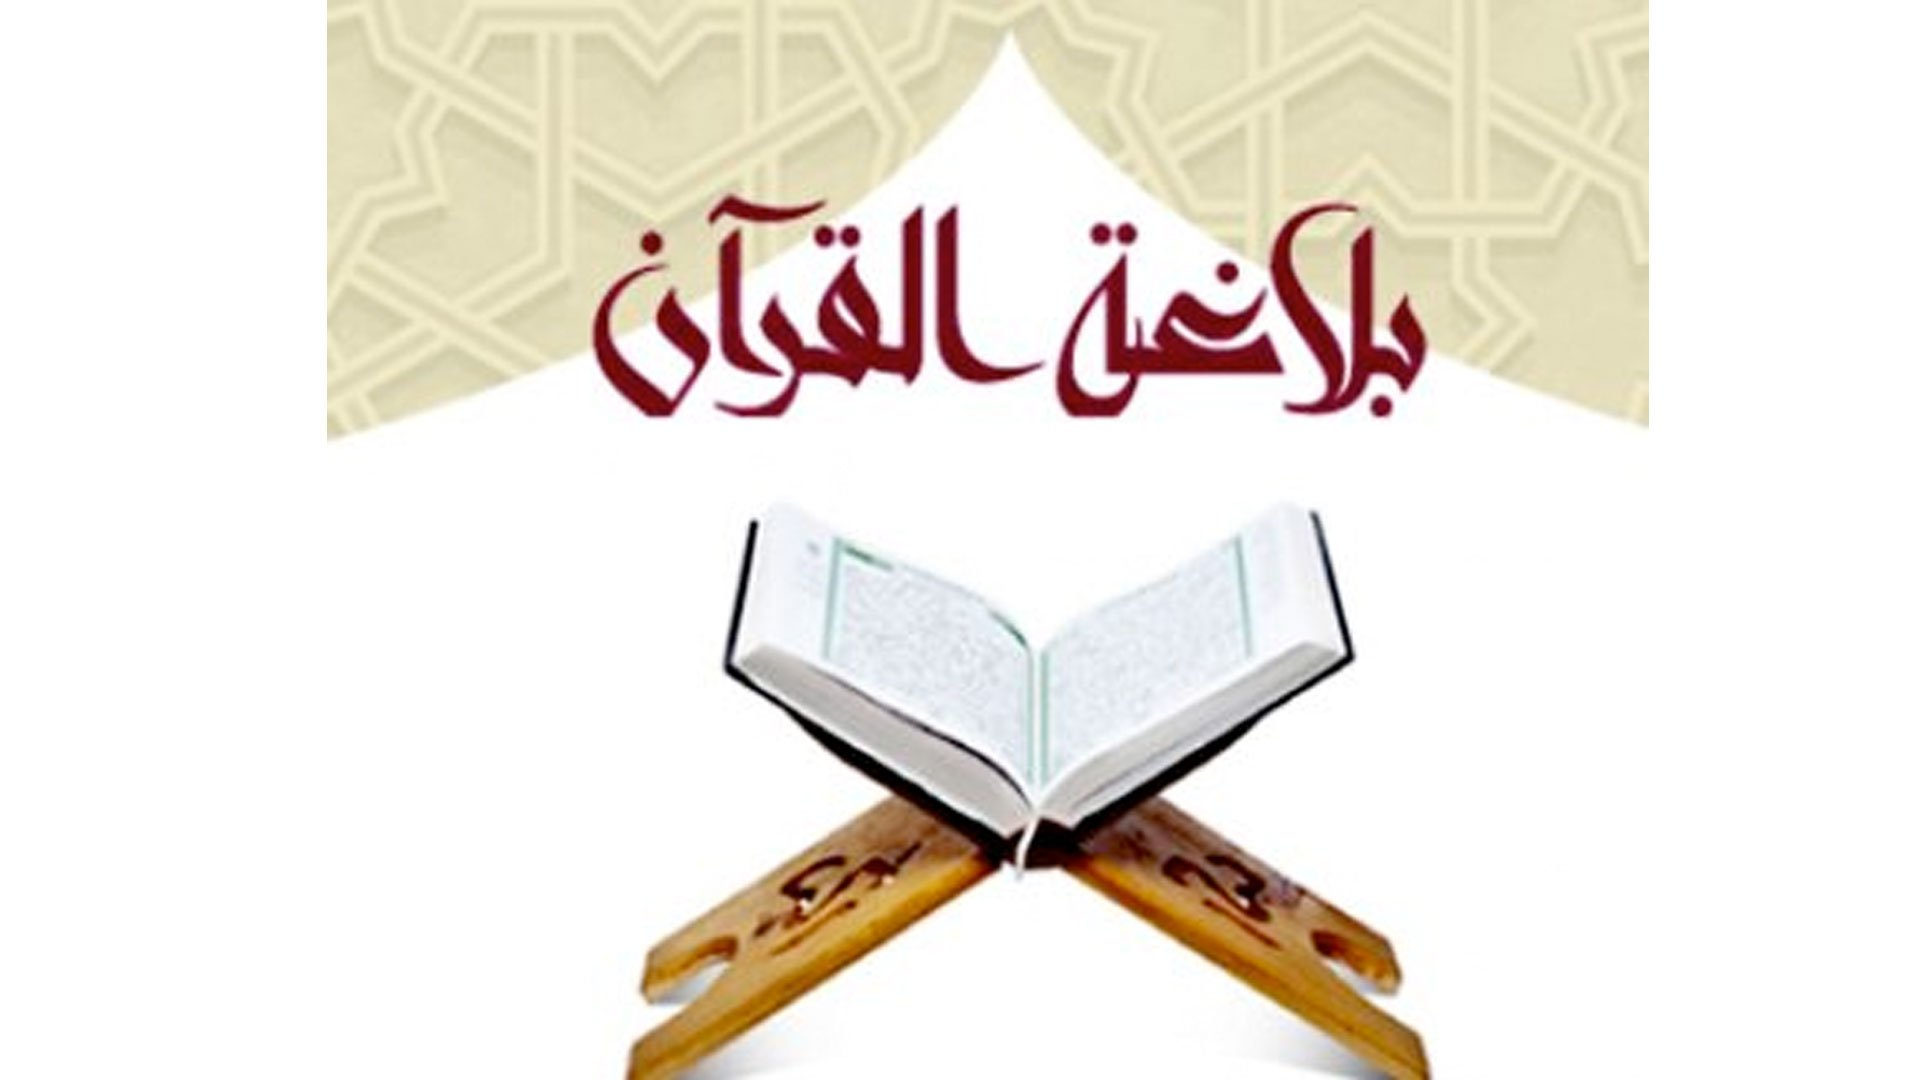 الفرق بين القرية والمدينة في القرآن الكريم جريدة الراية